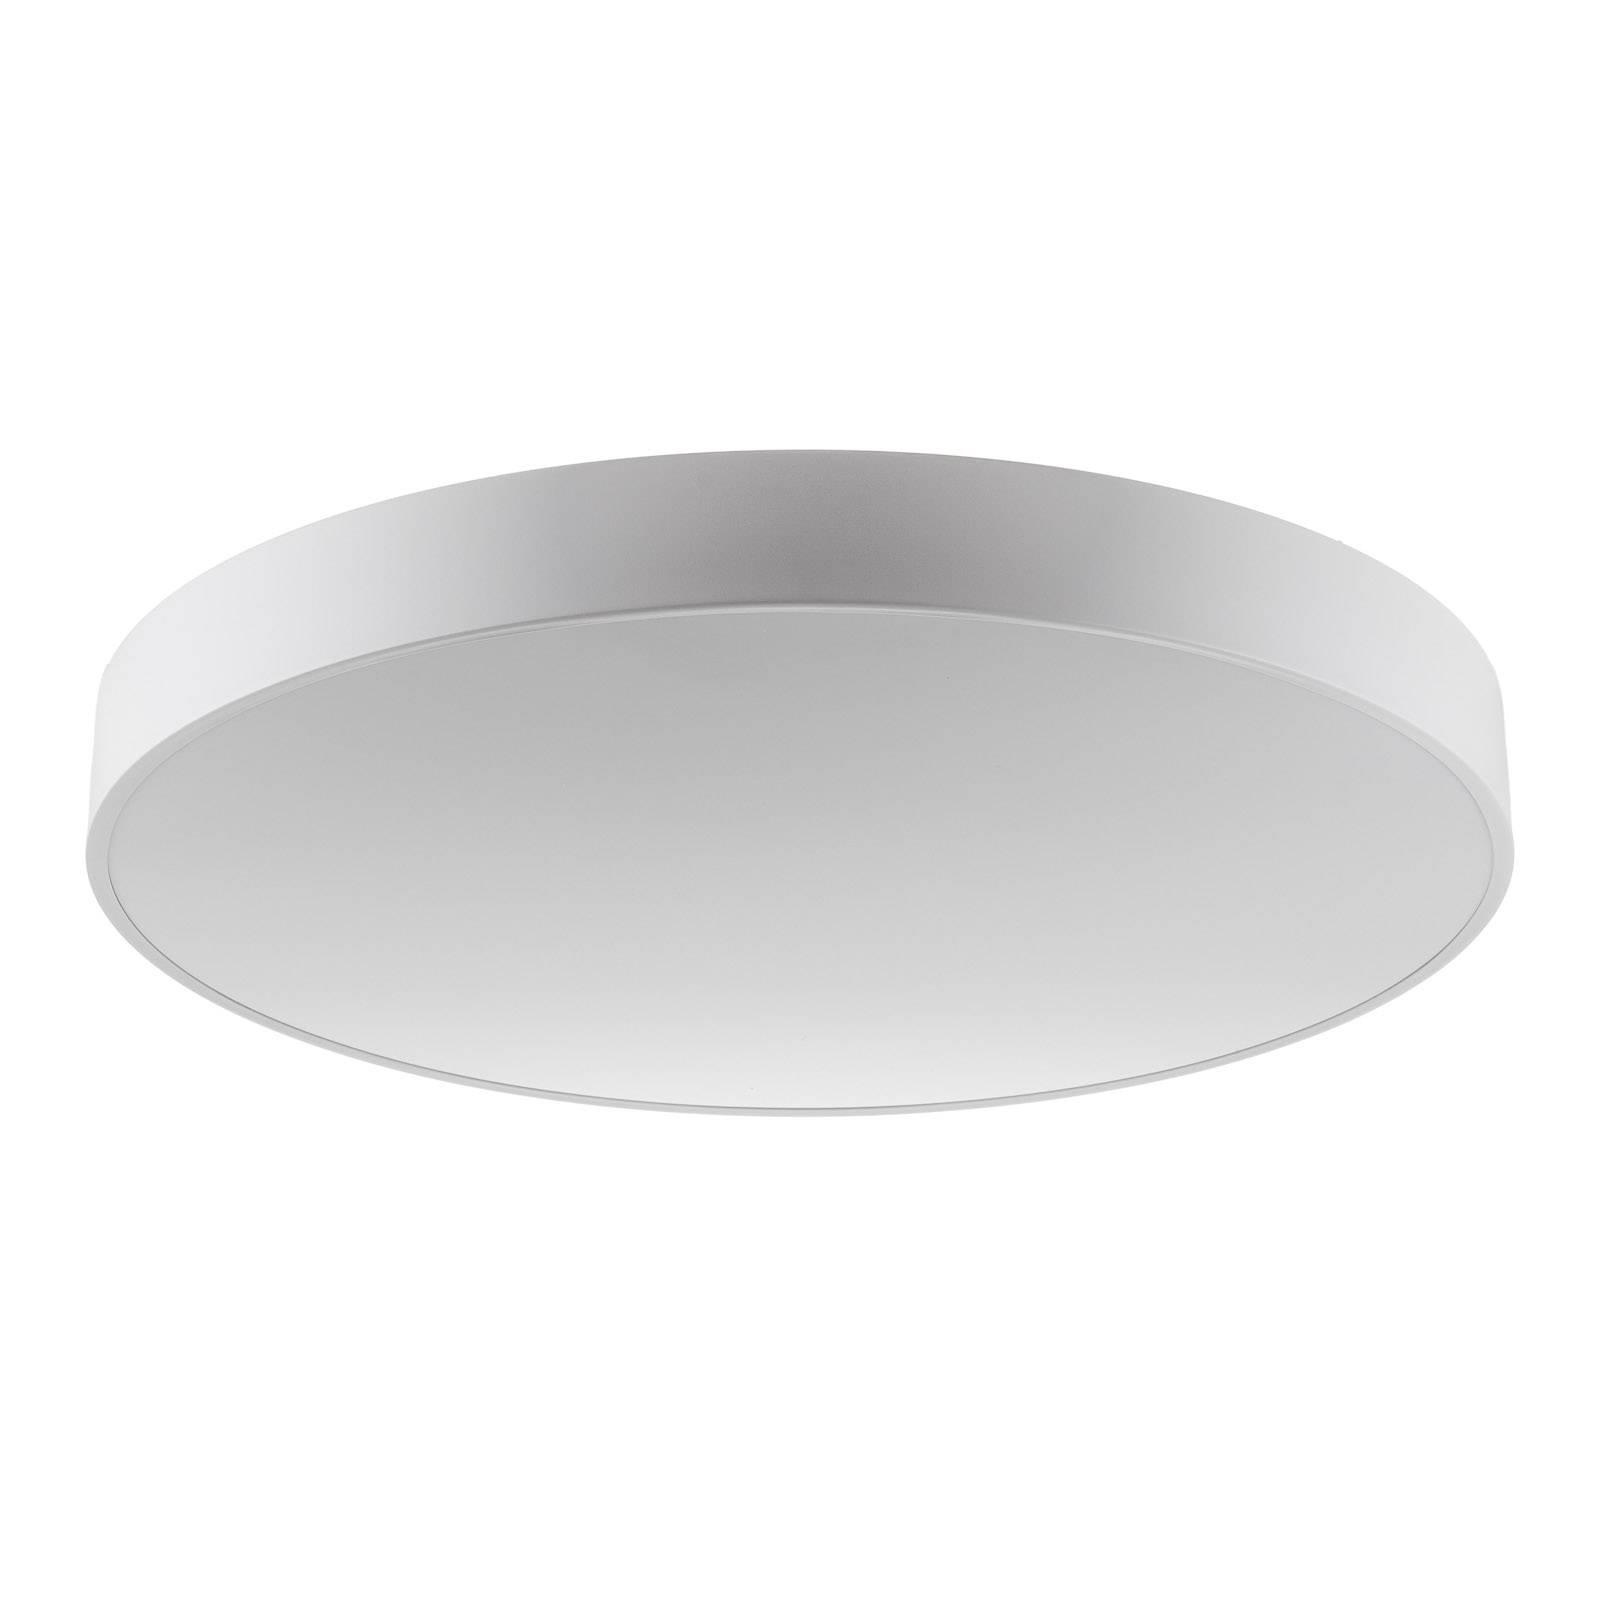 deckenlampen und andere lampen von acb iluminati n sl online kaufen bei m bel garten. Black Bedroom Furniture Sets. Home Design Ideas